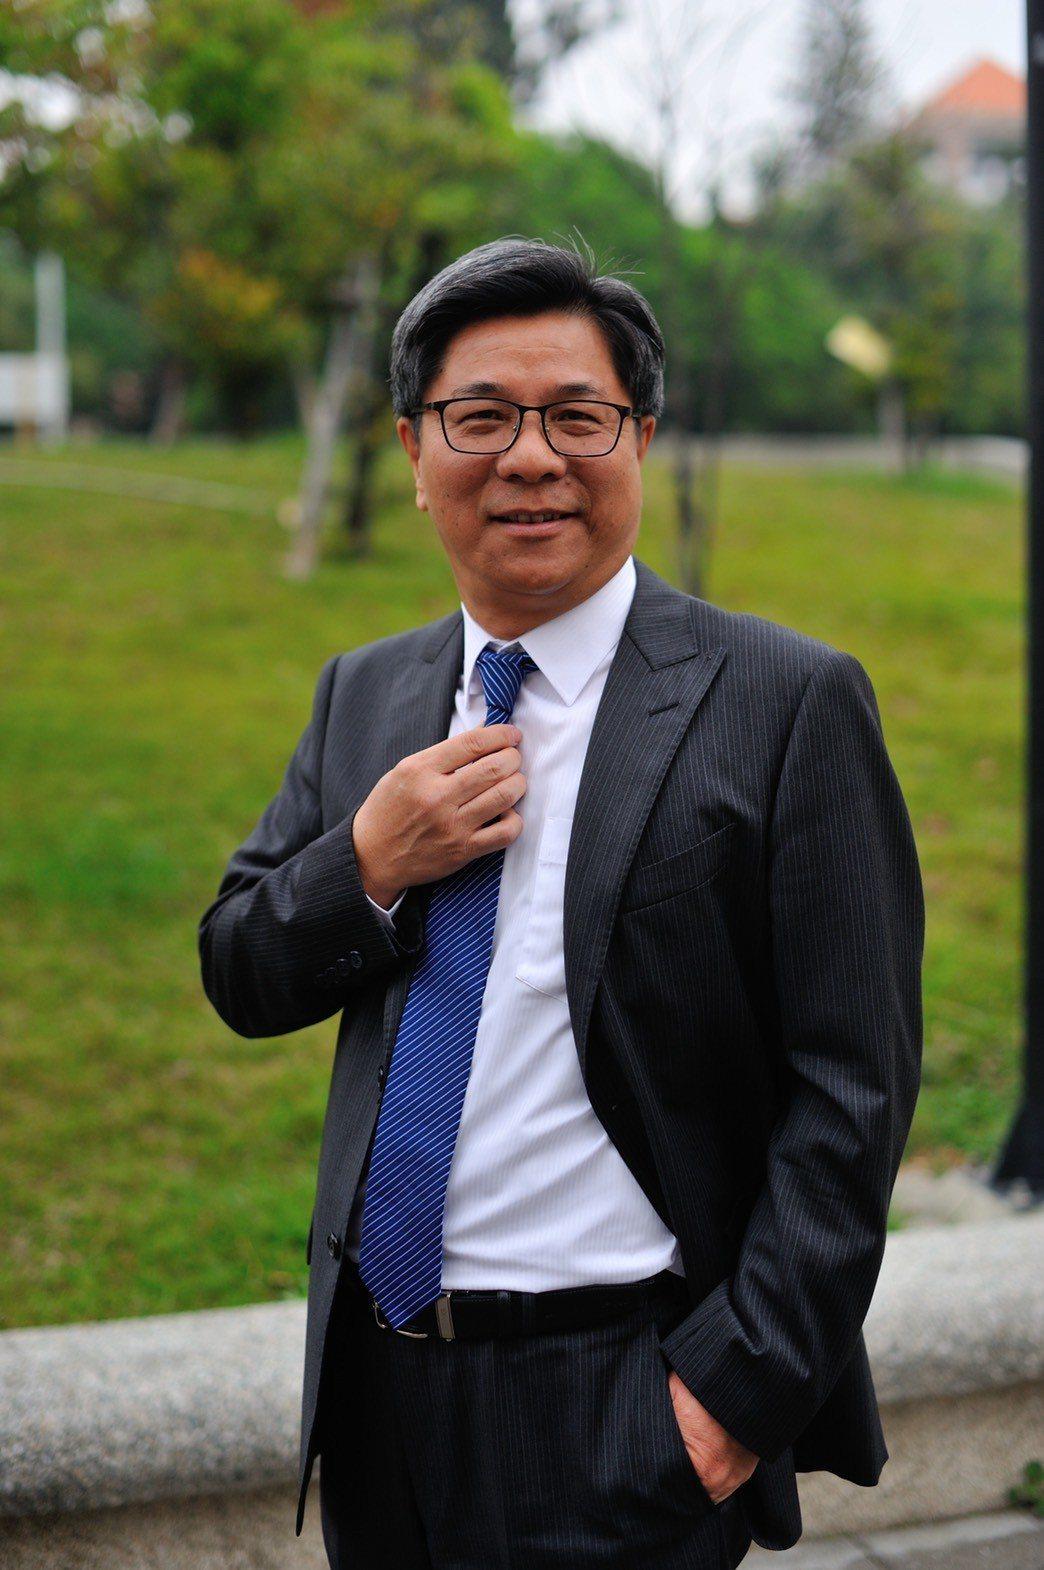 嘉義市文化局新任局長蕭柏勳曾任劍湖山集團總經理。照/蕭柏勳提供